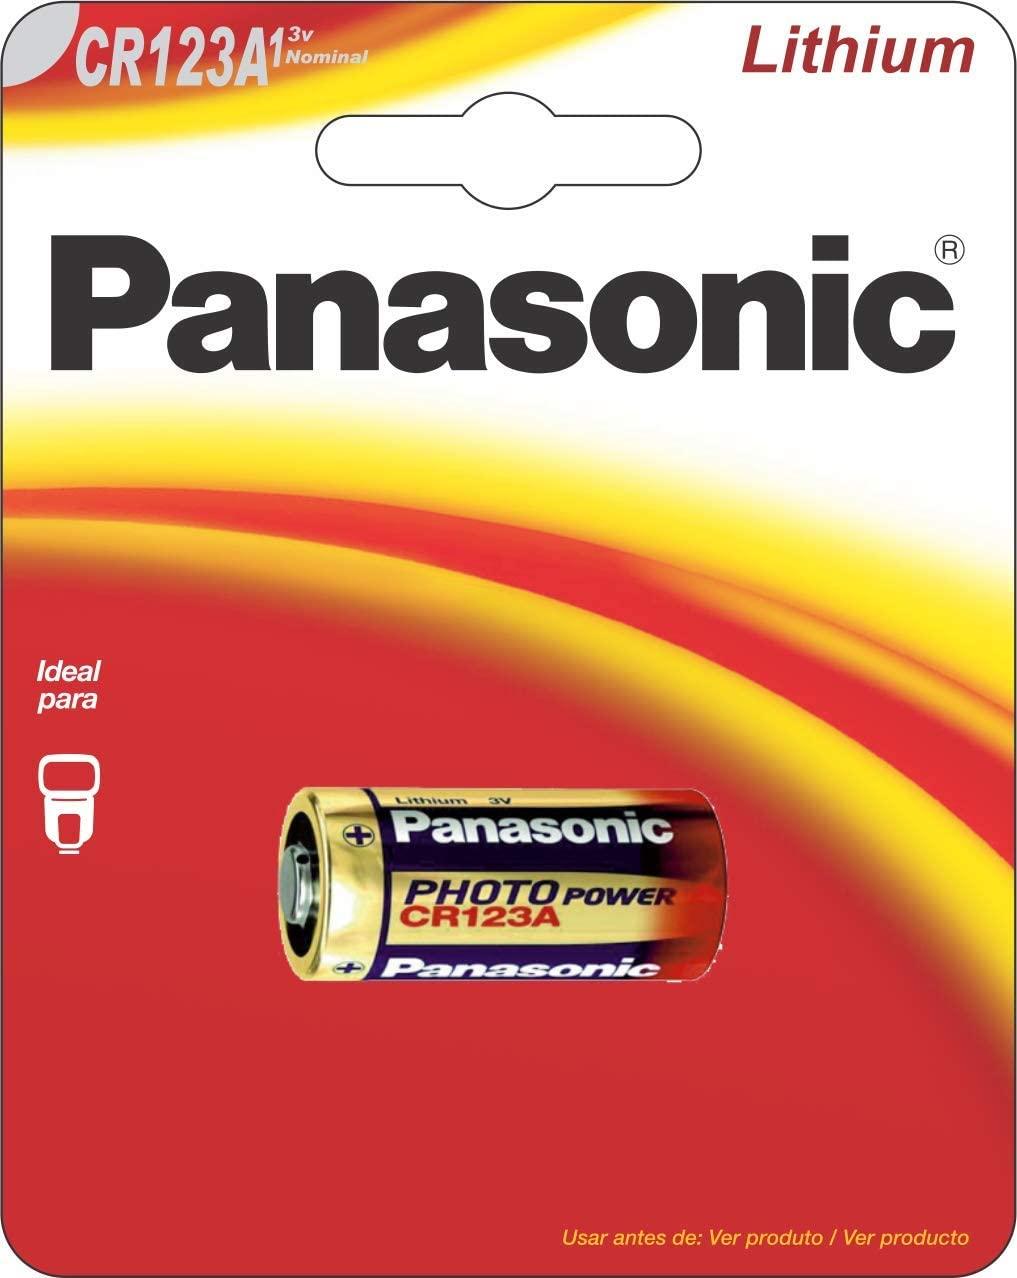 10 Pilha CR123A 3V Lithium PANASONIC - 10 cartelas com 1 unidade